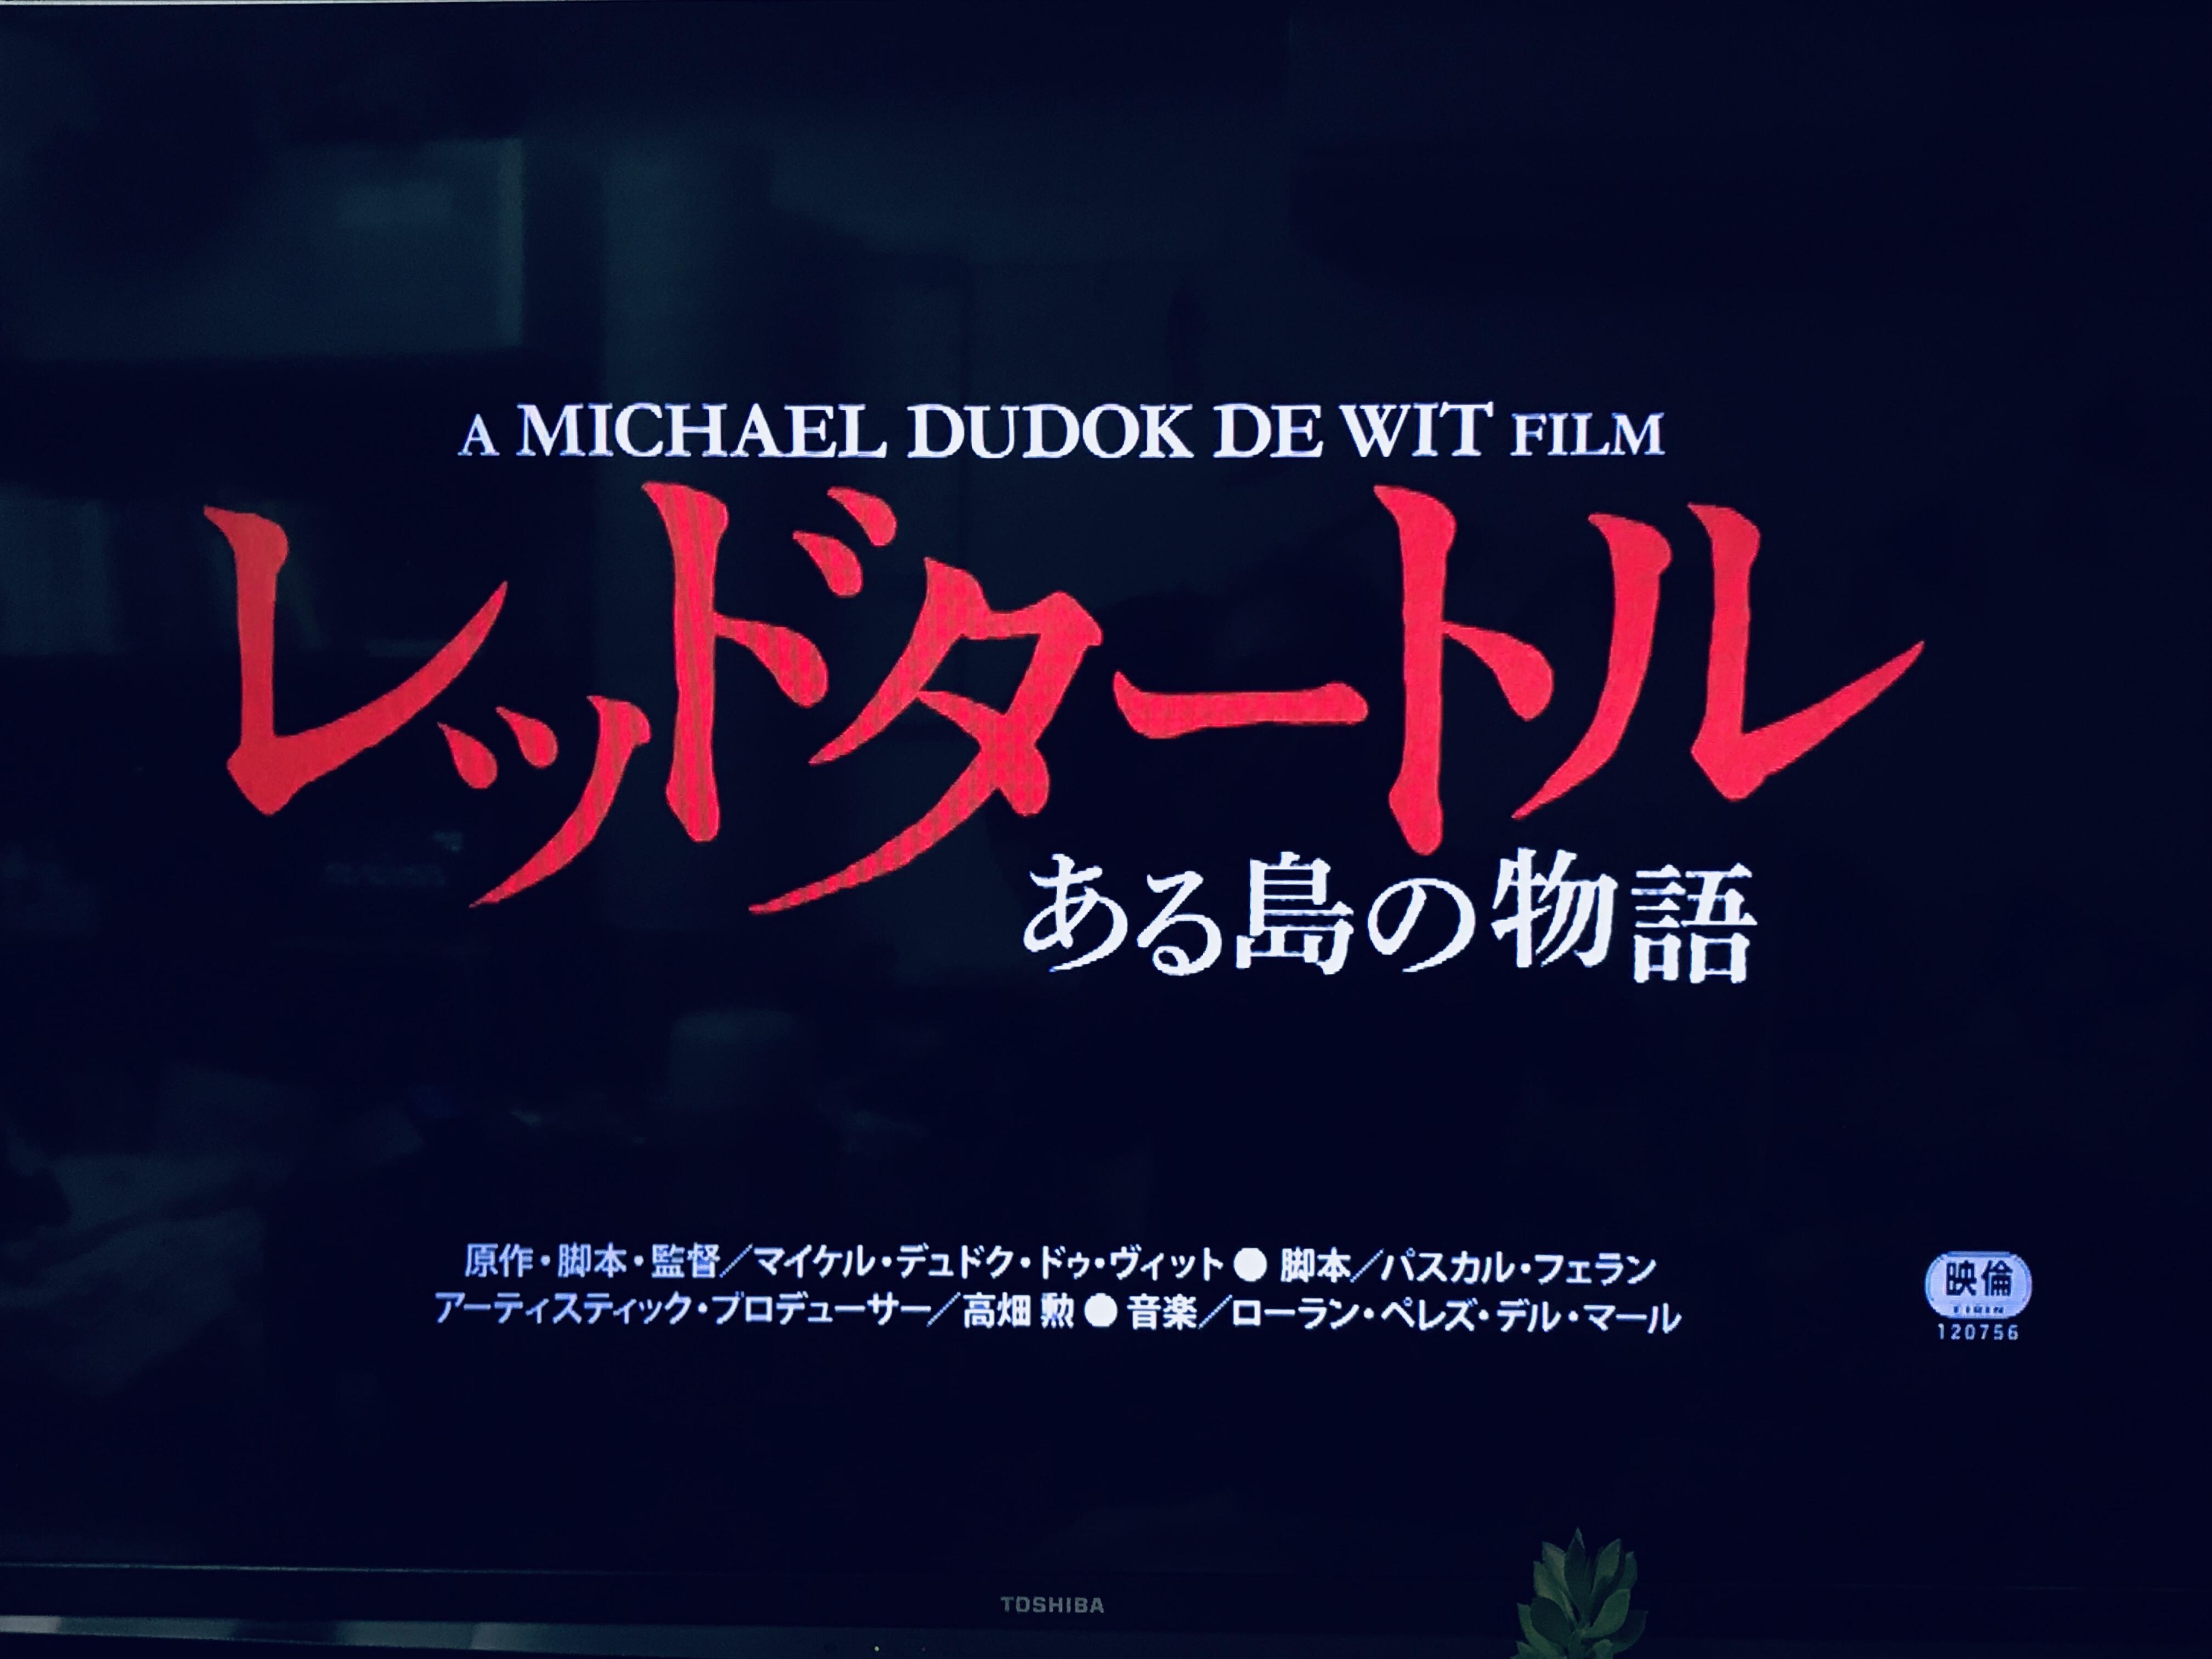 【映画】レッドタートルある島の物語  不思議なセリフのないアニメーションによる映像体験 2